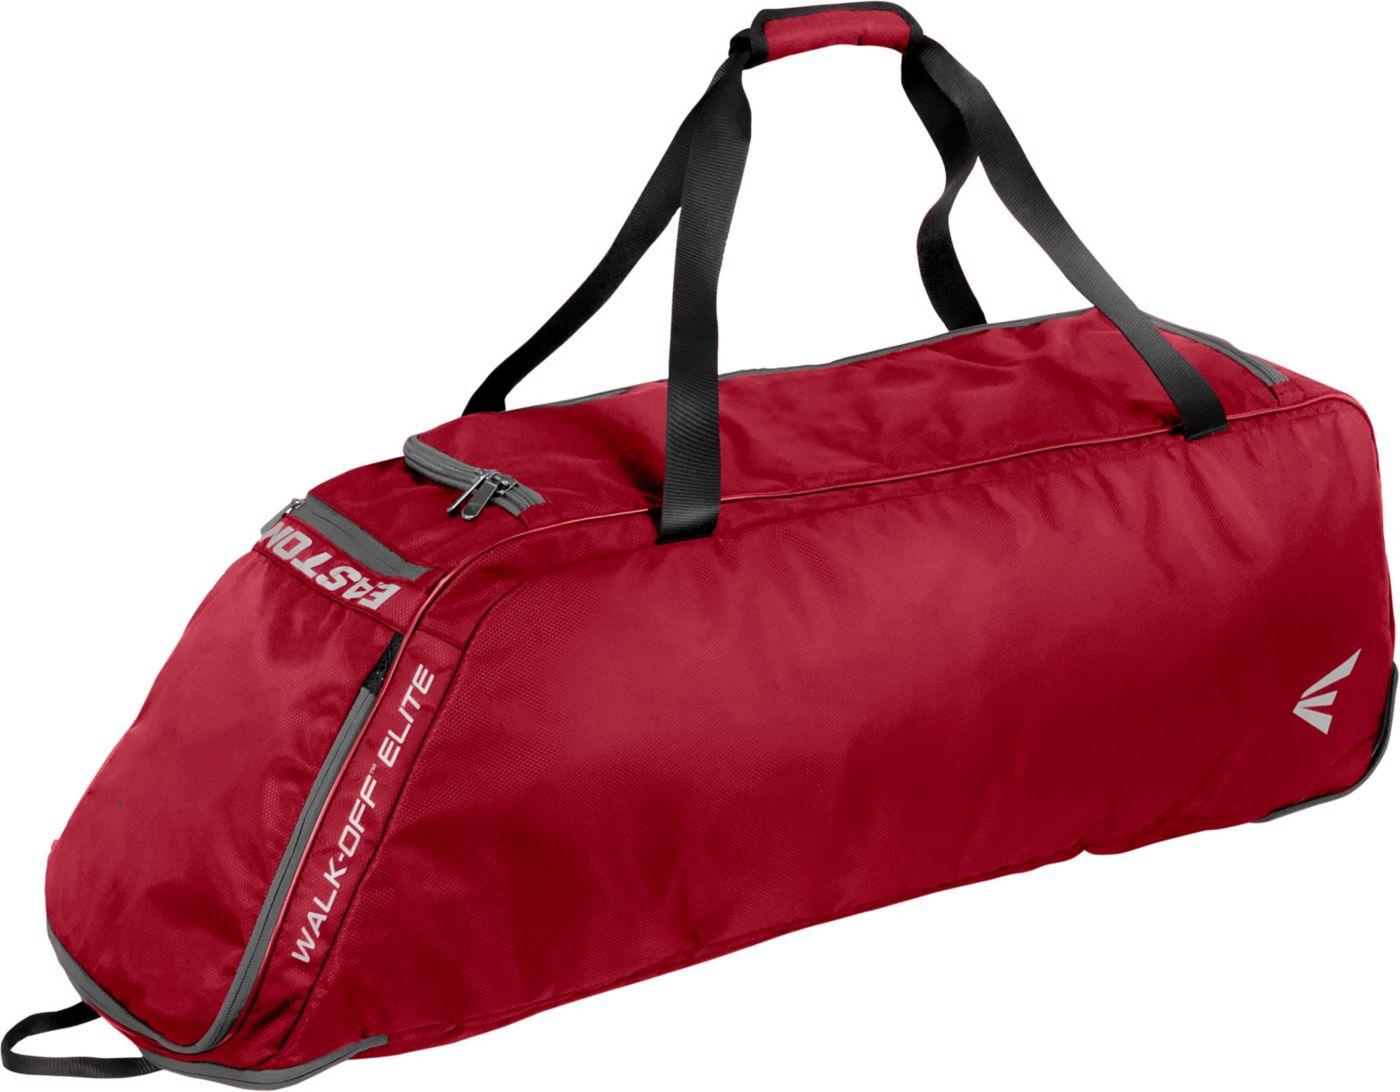 Easton Walk-Off Wheeled Baseball Bag